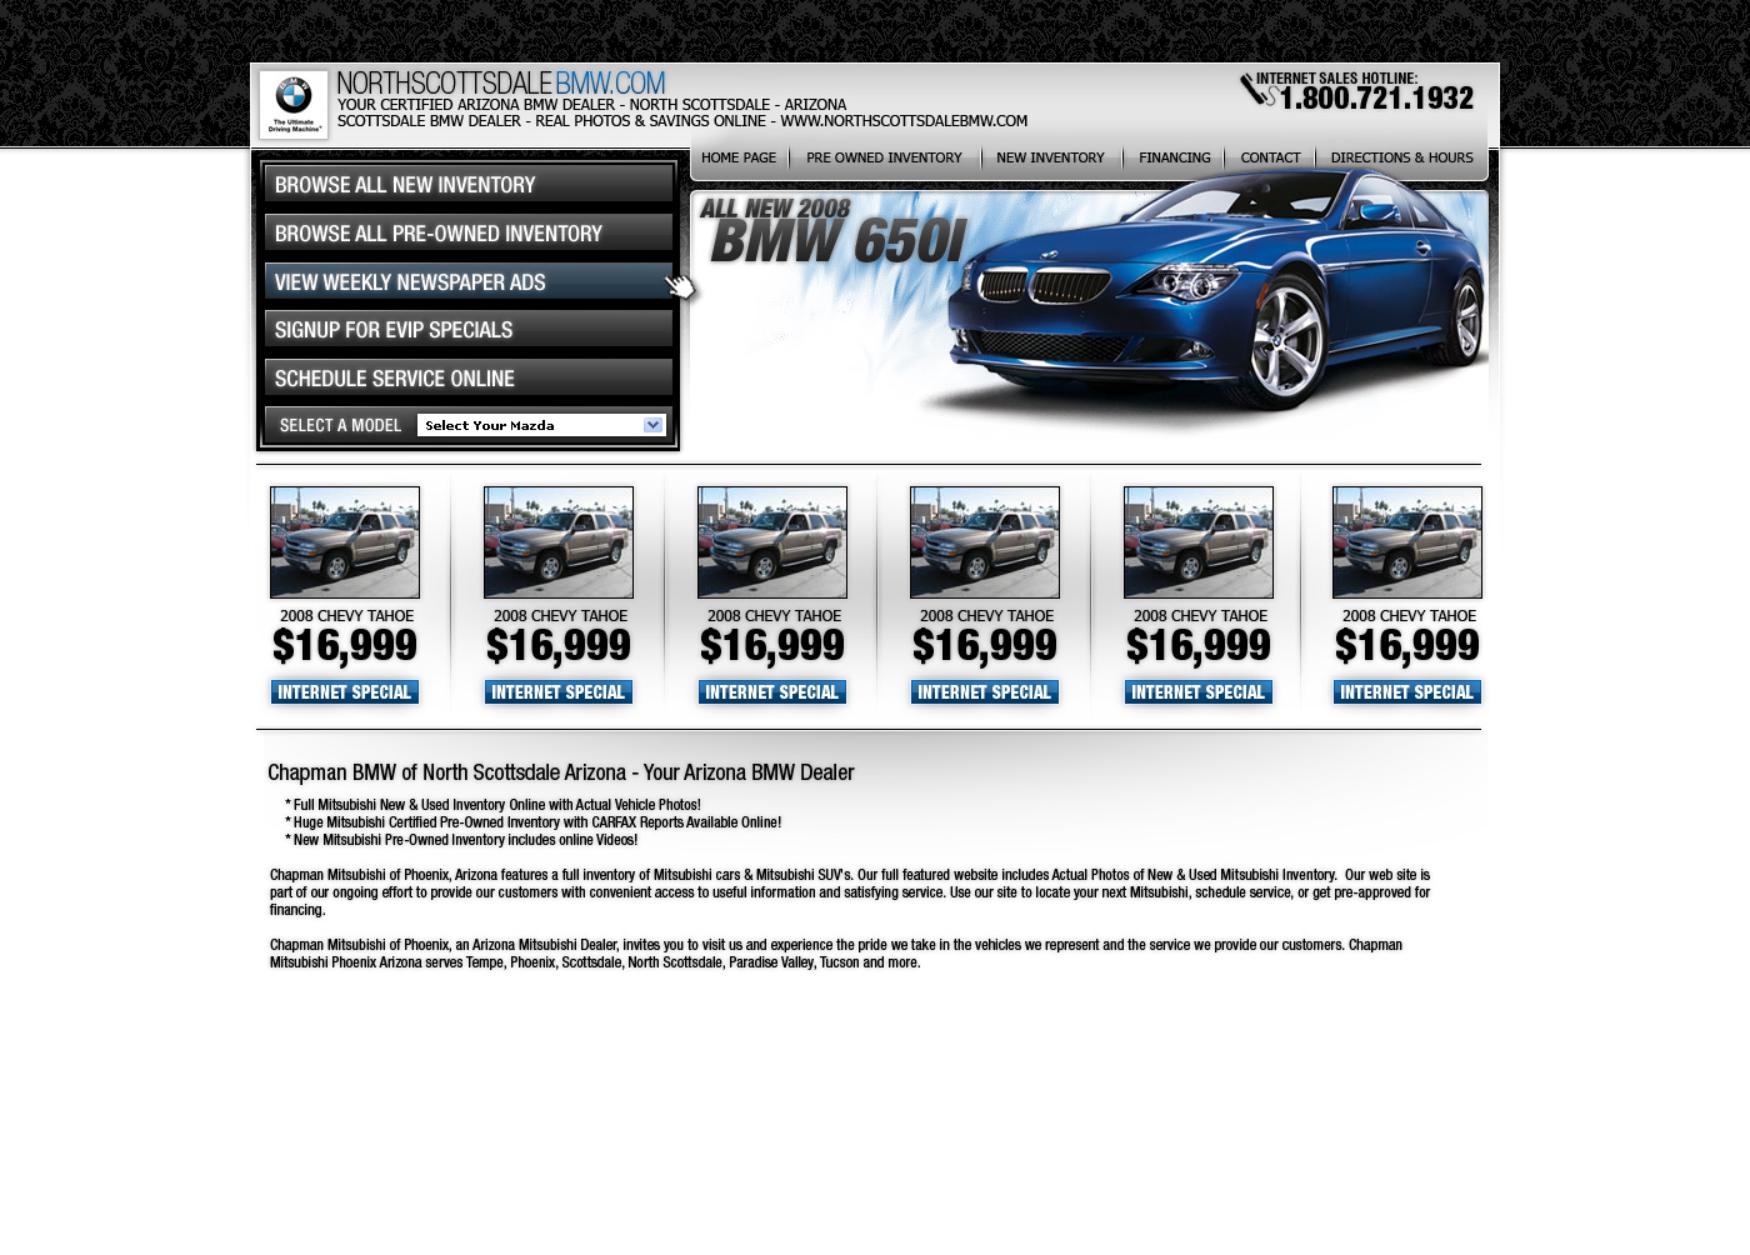 North Scottsdale BMW